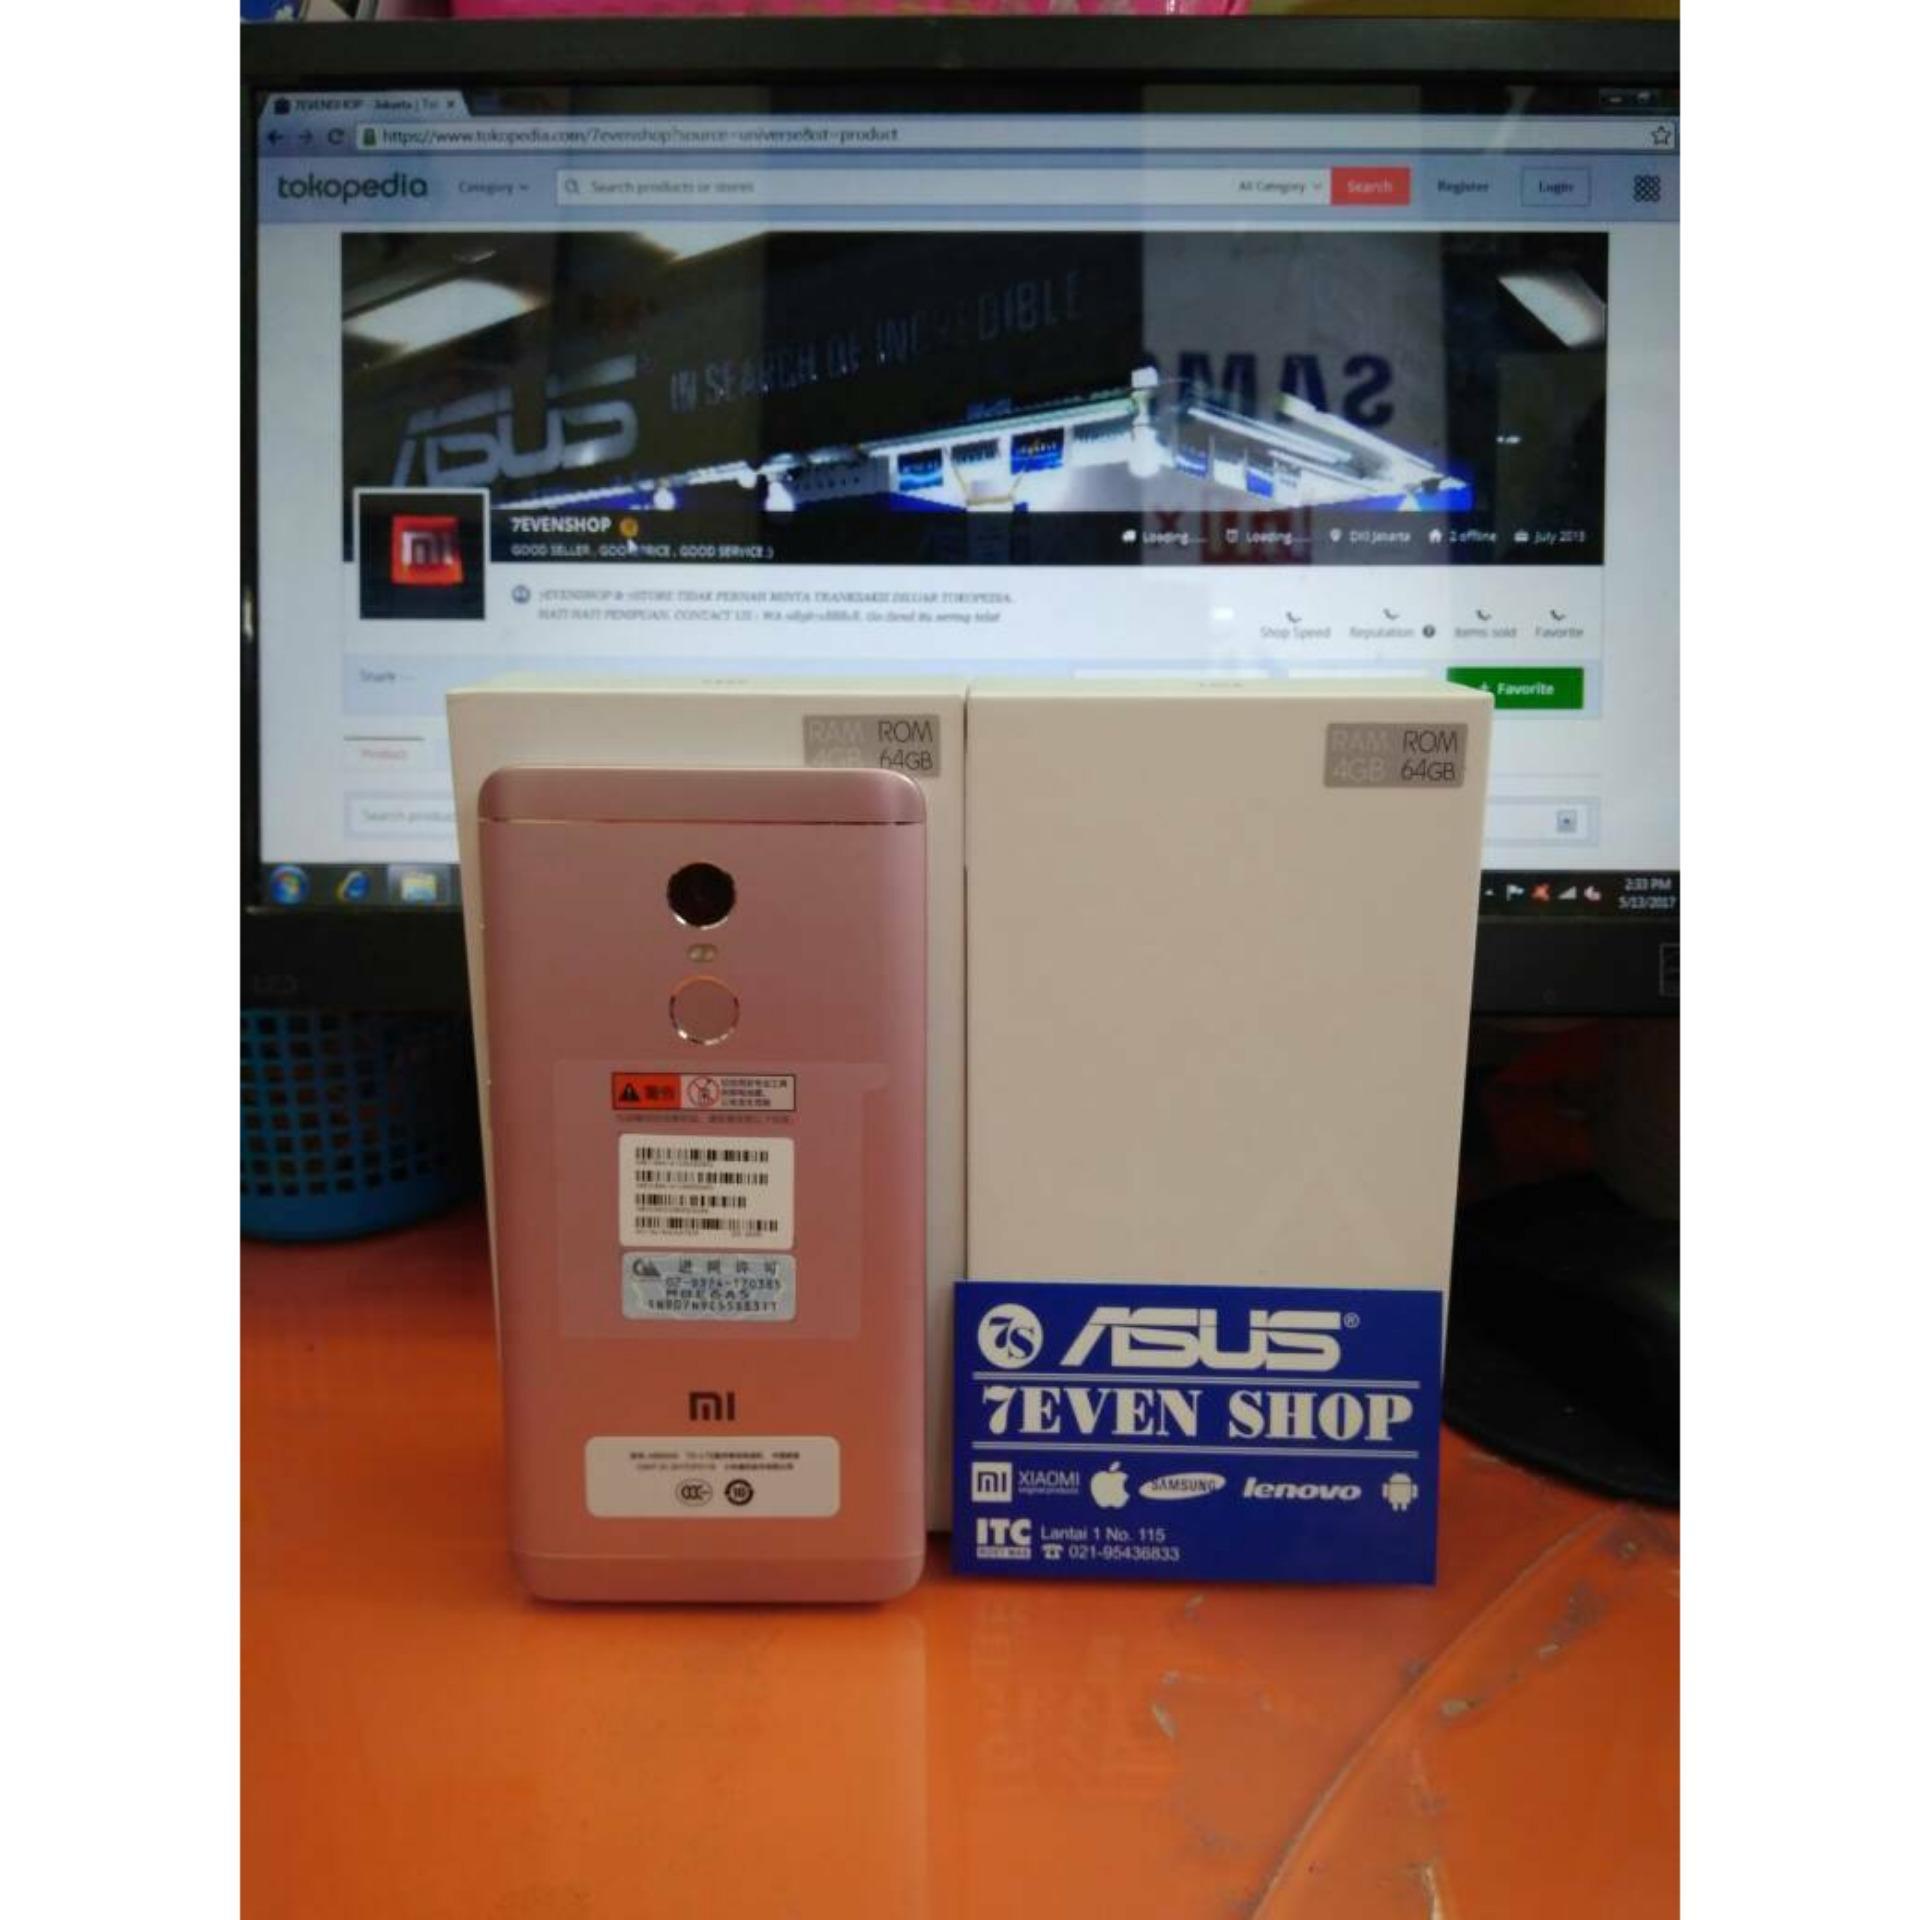 Harga Penawaran Xiaomi Redmi Note 4x Rose Ram 4gb Internal 64gb 4g Dual Sim Putih